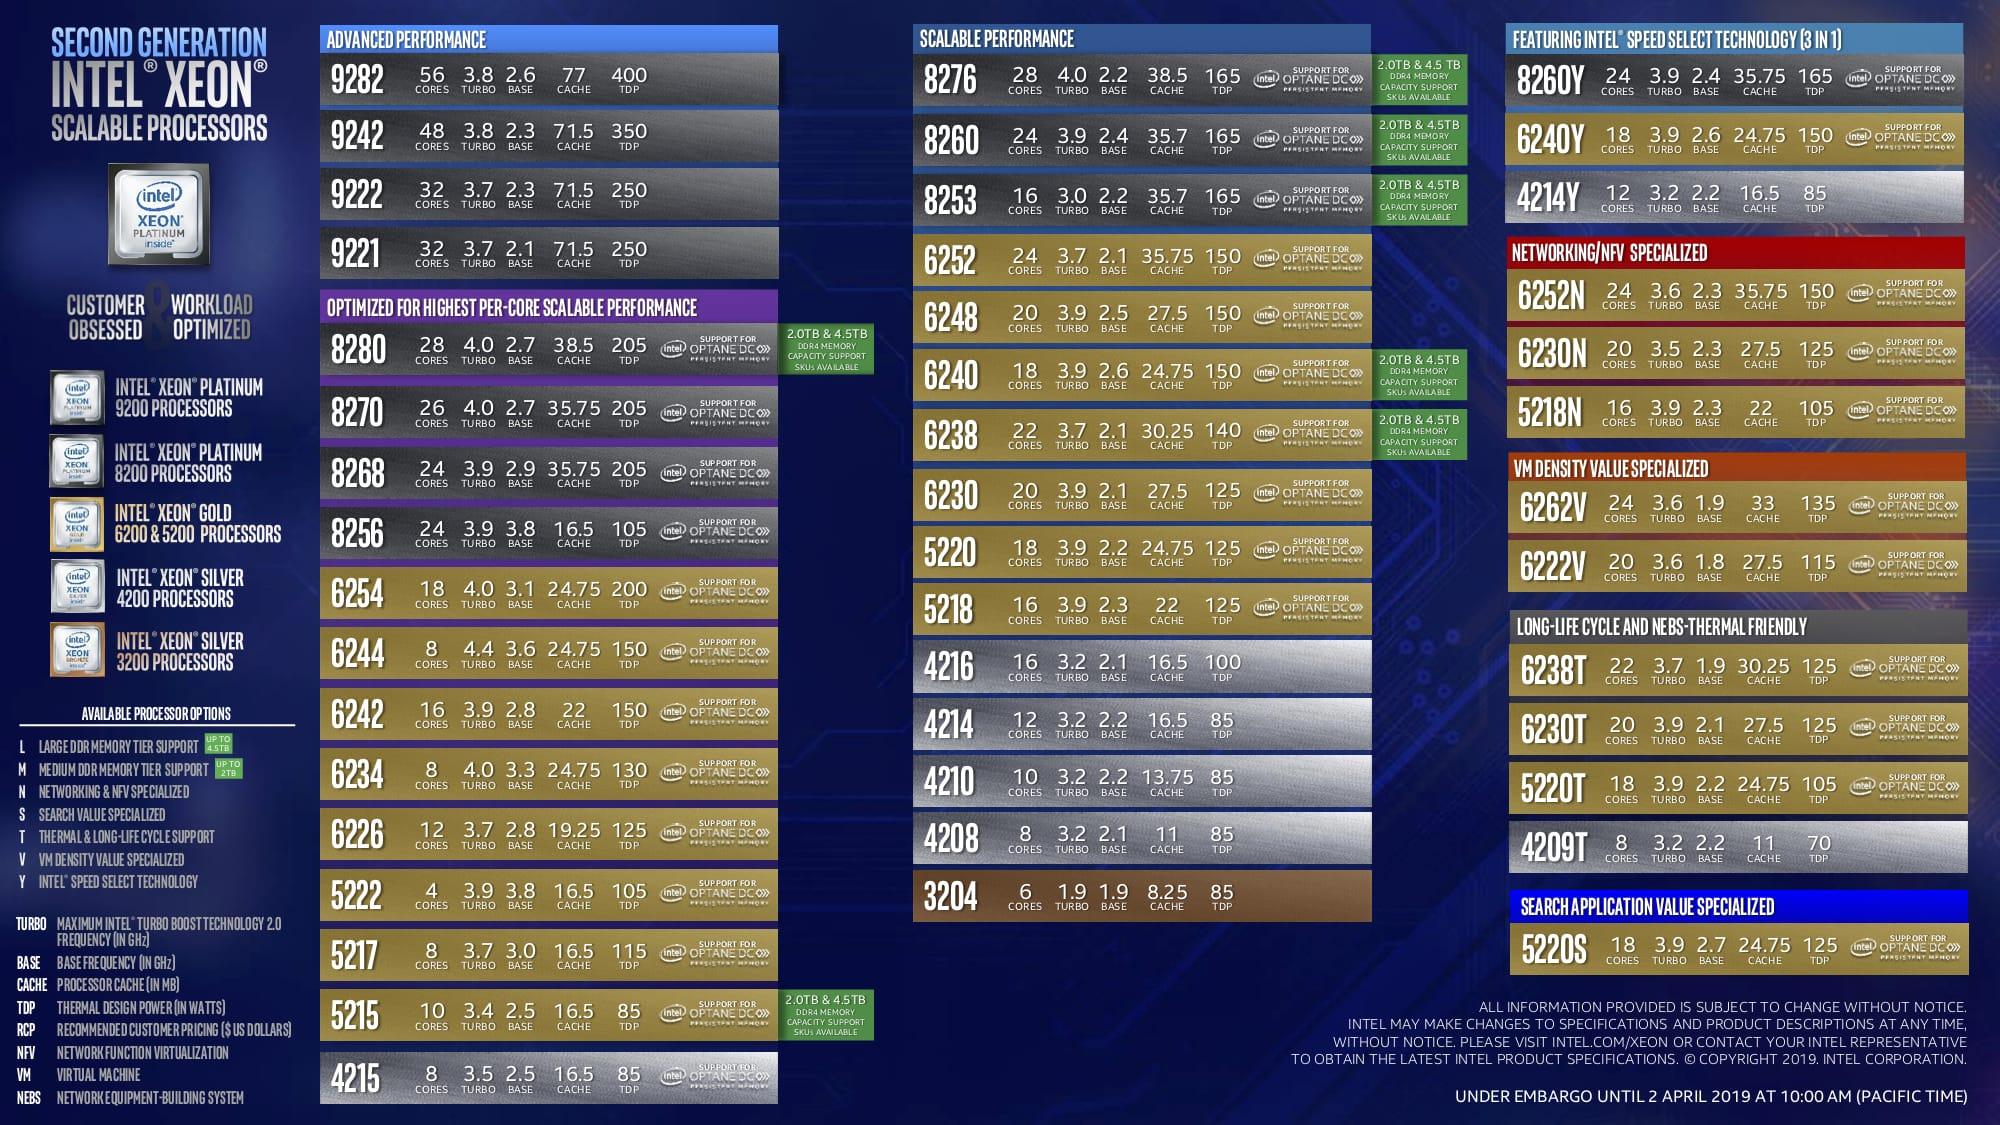 2nd-gen-xeon-scalable-lineup.jpg